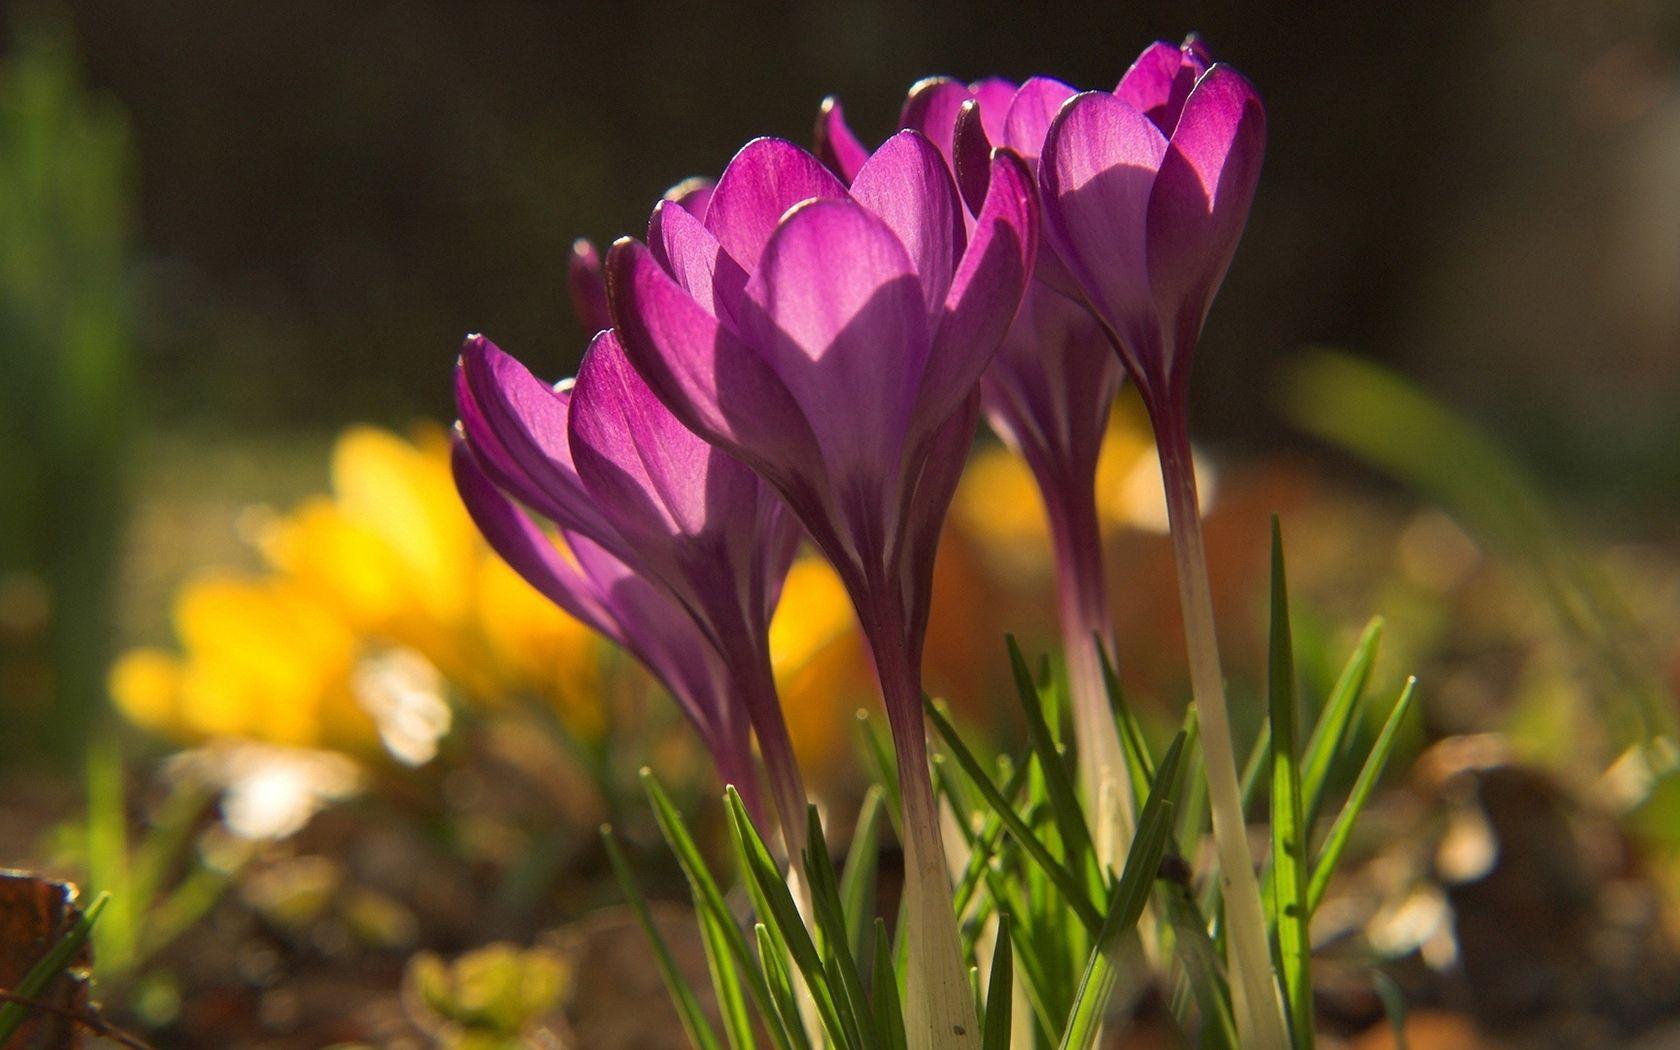 82635 Заставки и Обои Подснежники на телефон. Скачать Природа, Цветы, Подснежники, Растение, Тень картинки бесплатно